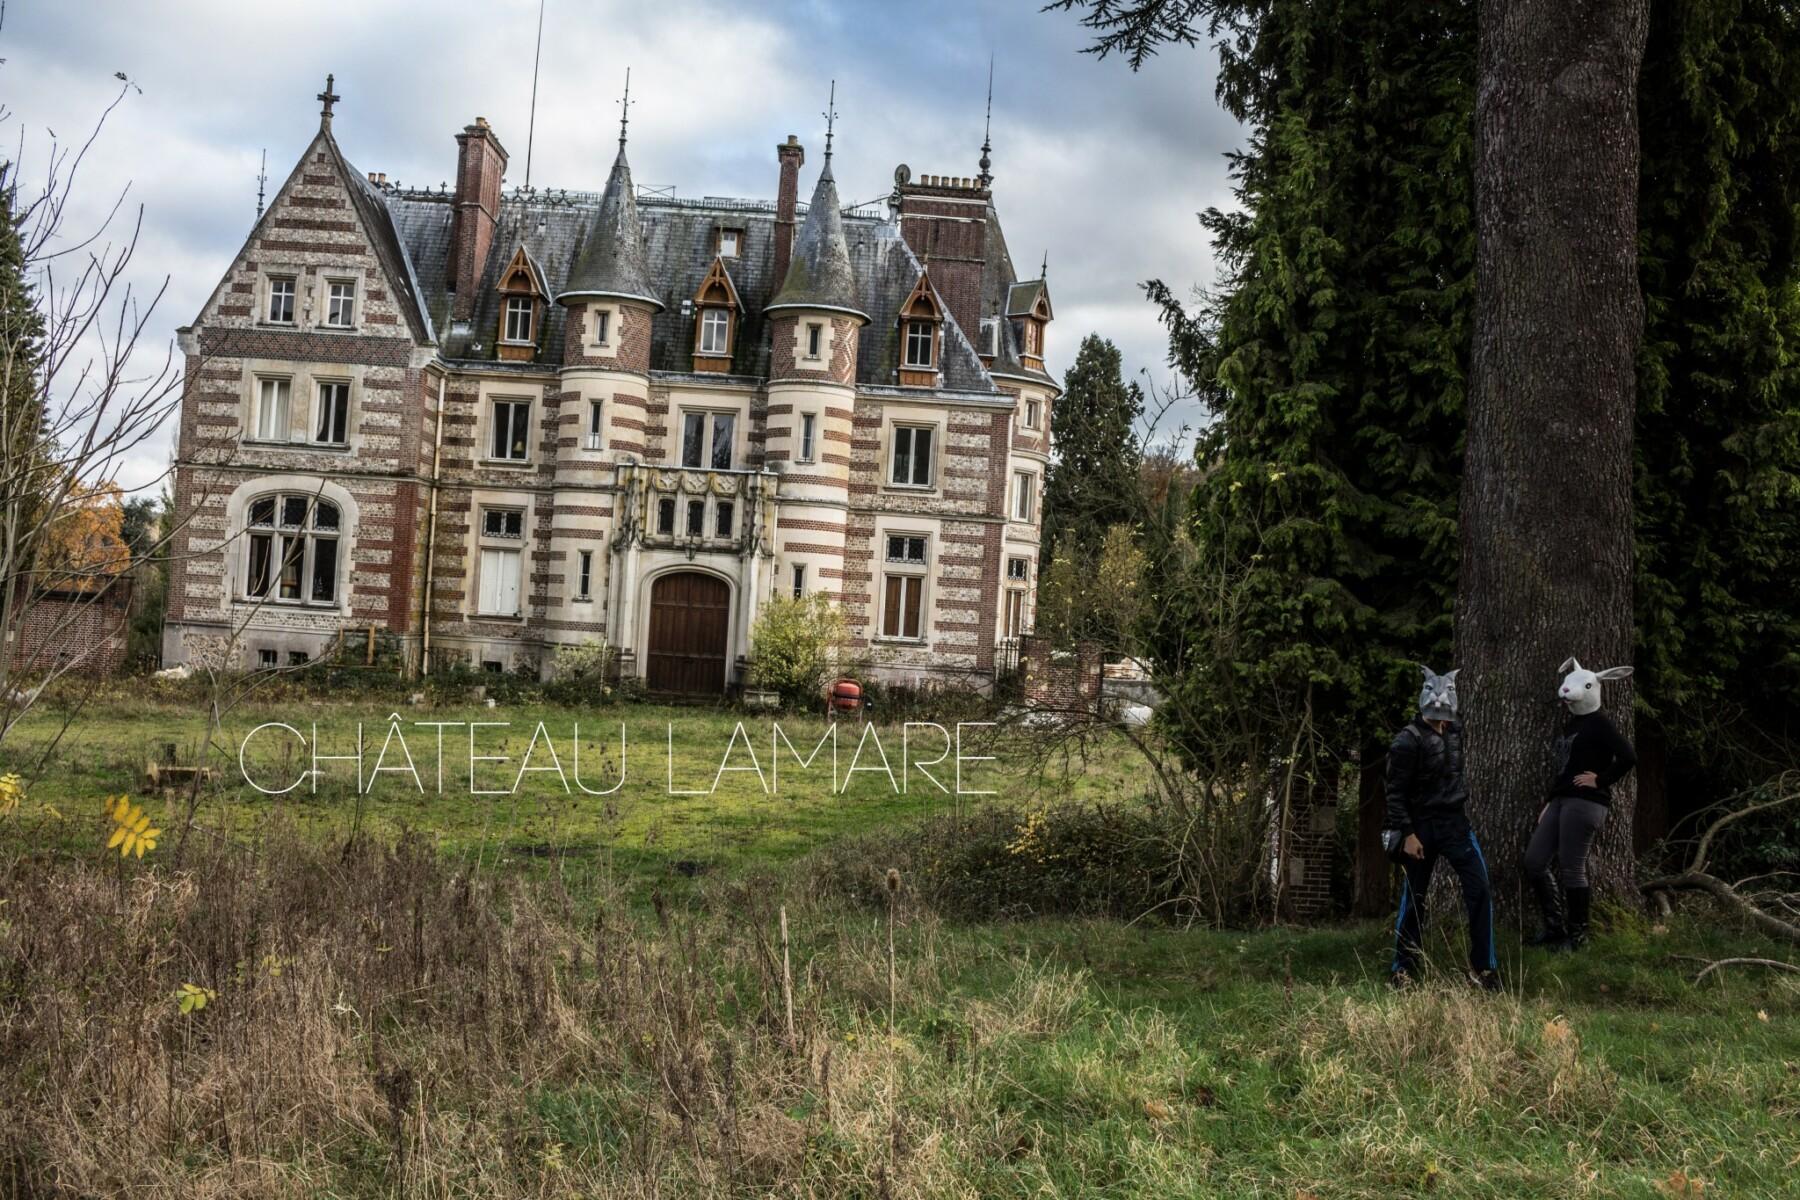 Ch teau lamare exploration urbex en normandie for Maison du monde gironde